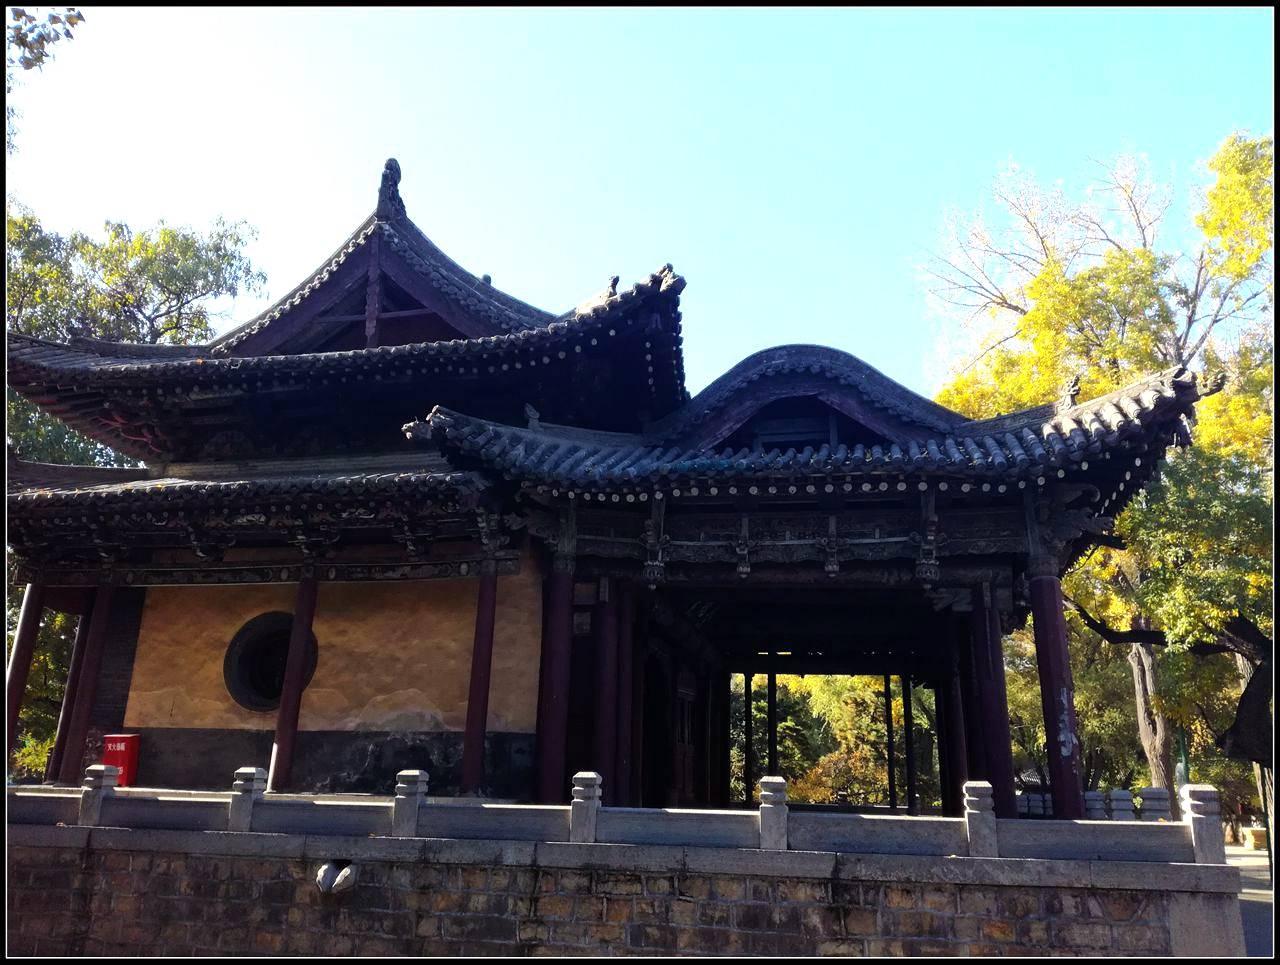 山环水绕无双地,神乐人欢第一区——太原晋祠游记4、水镜台,金人台,对越坊  第9张